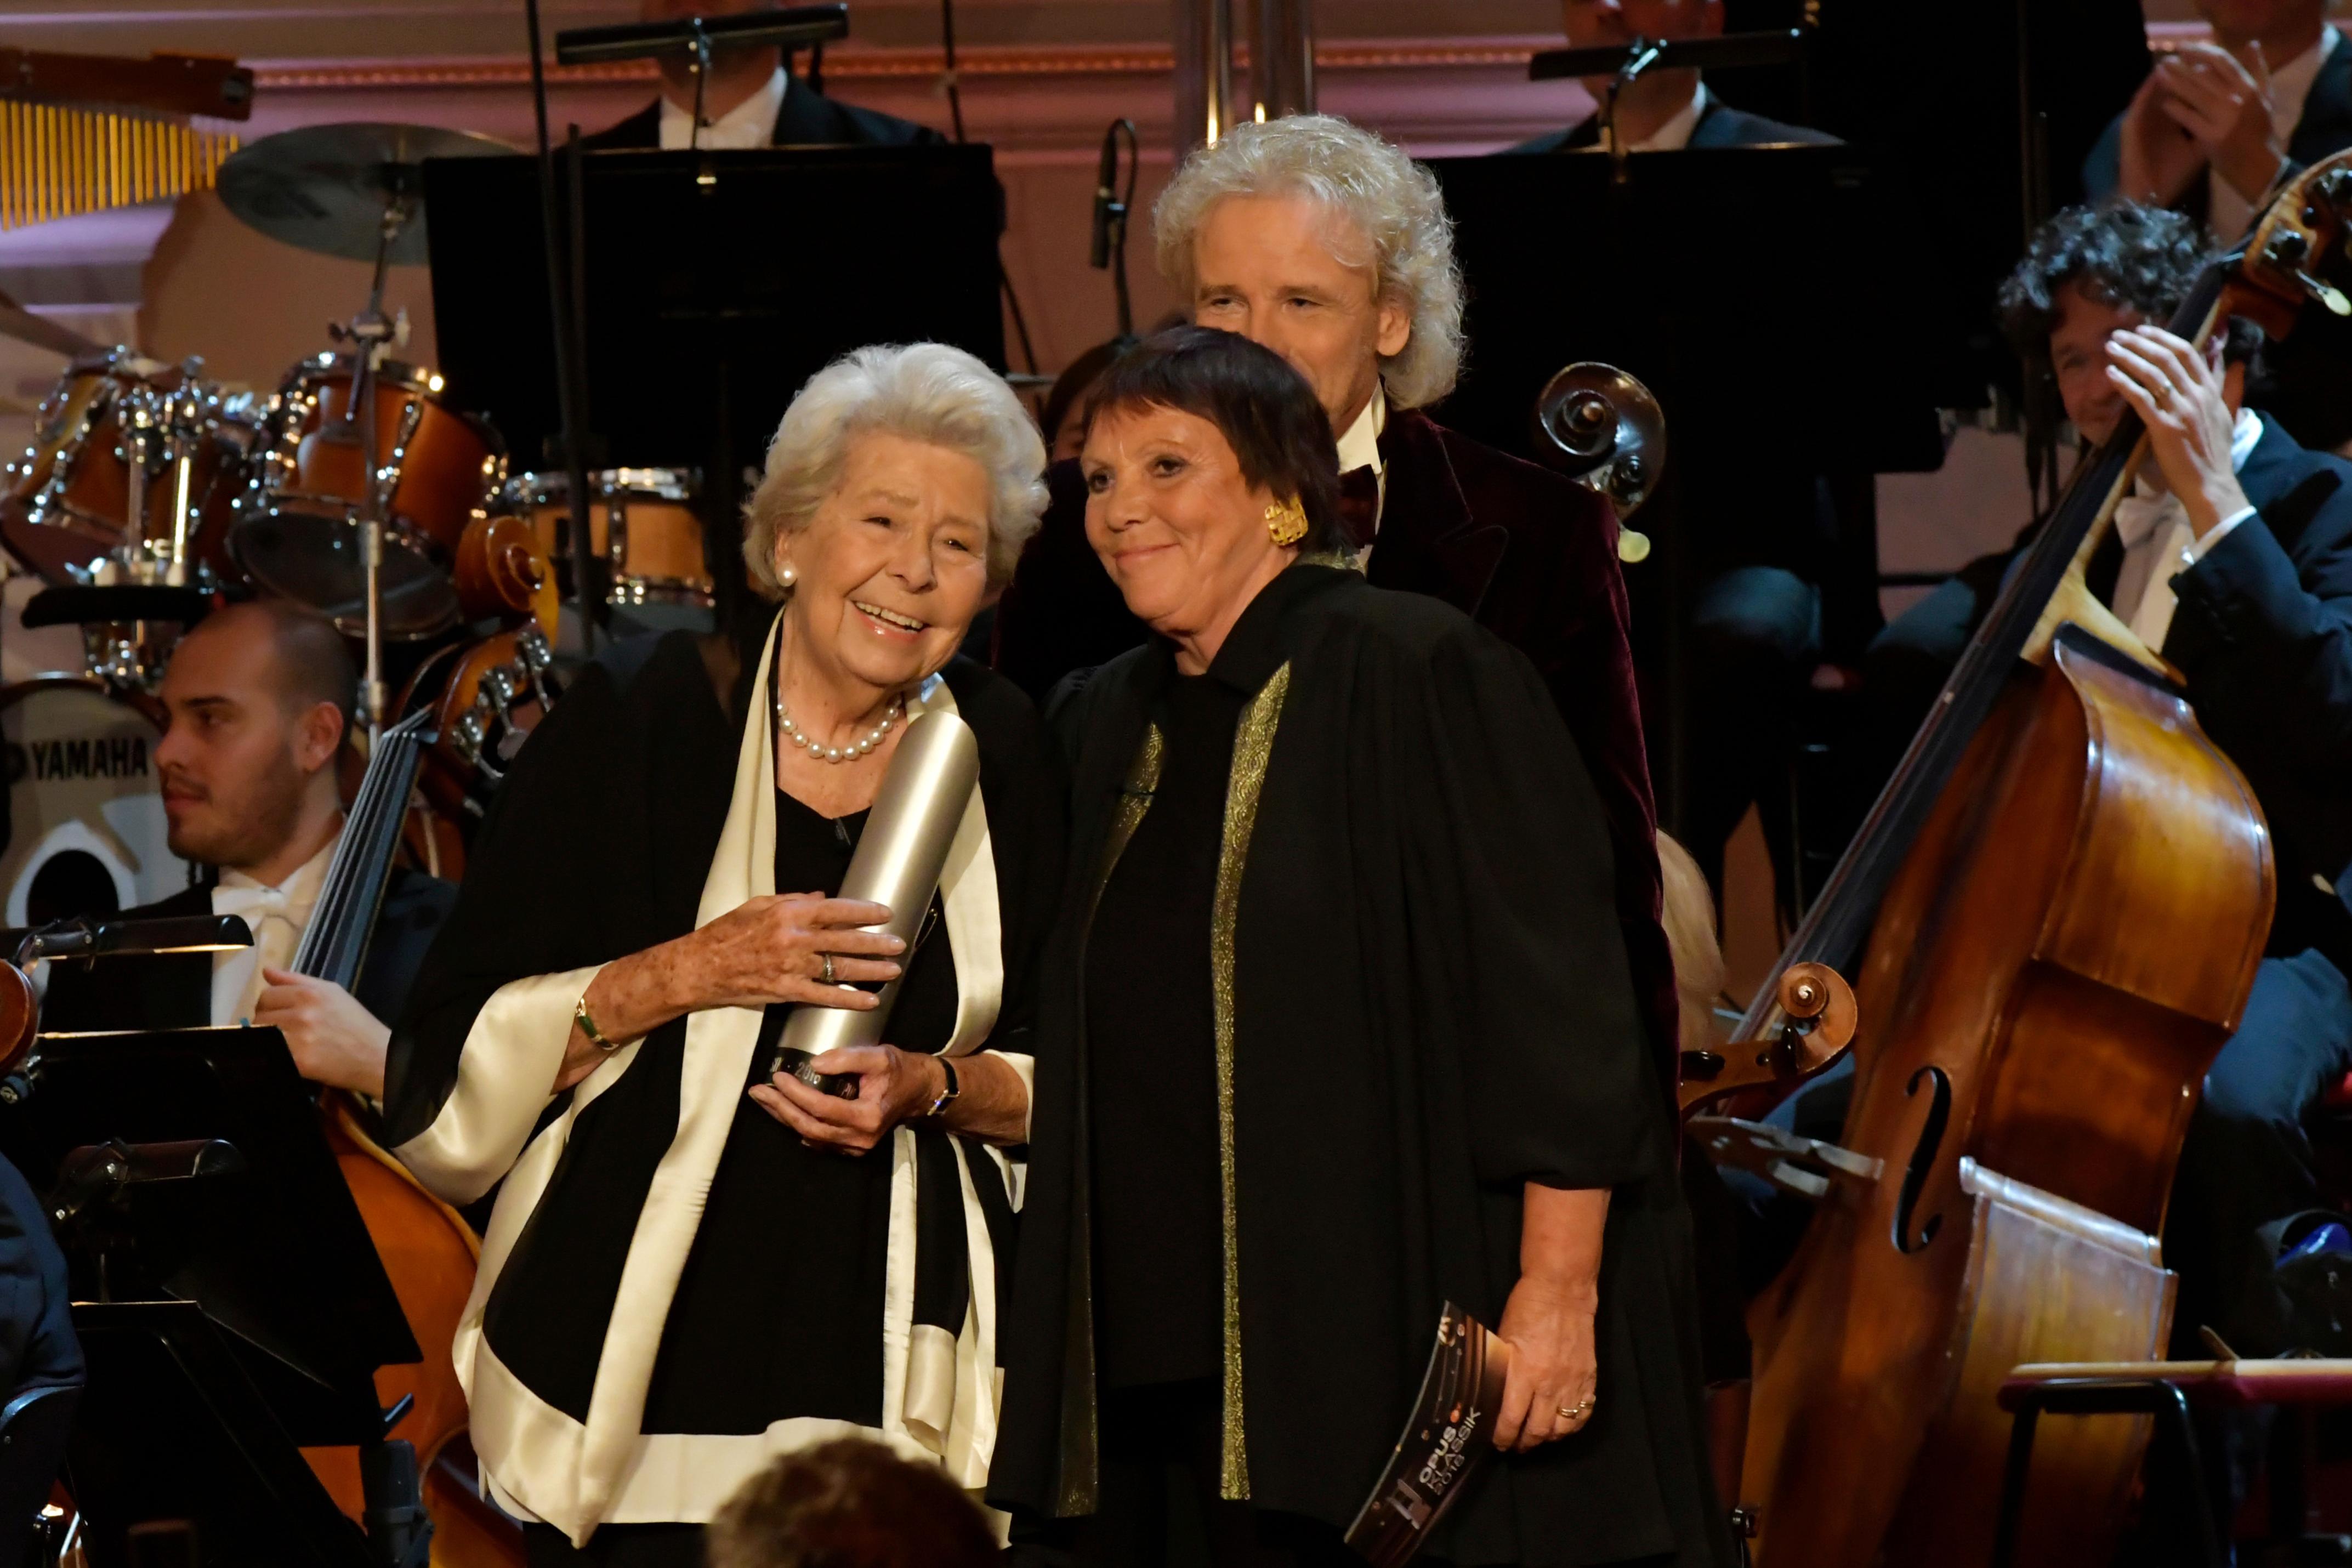 OPUS-Klassik. Christa Ludwig erhielt den Preis für ihr Lebenswerk, die Laudatio hielt Brigitte Fassbaender